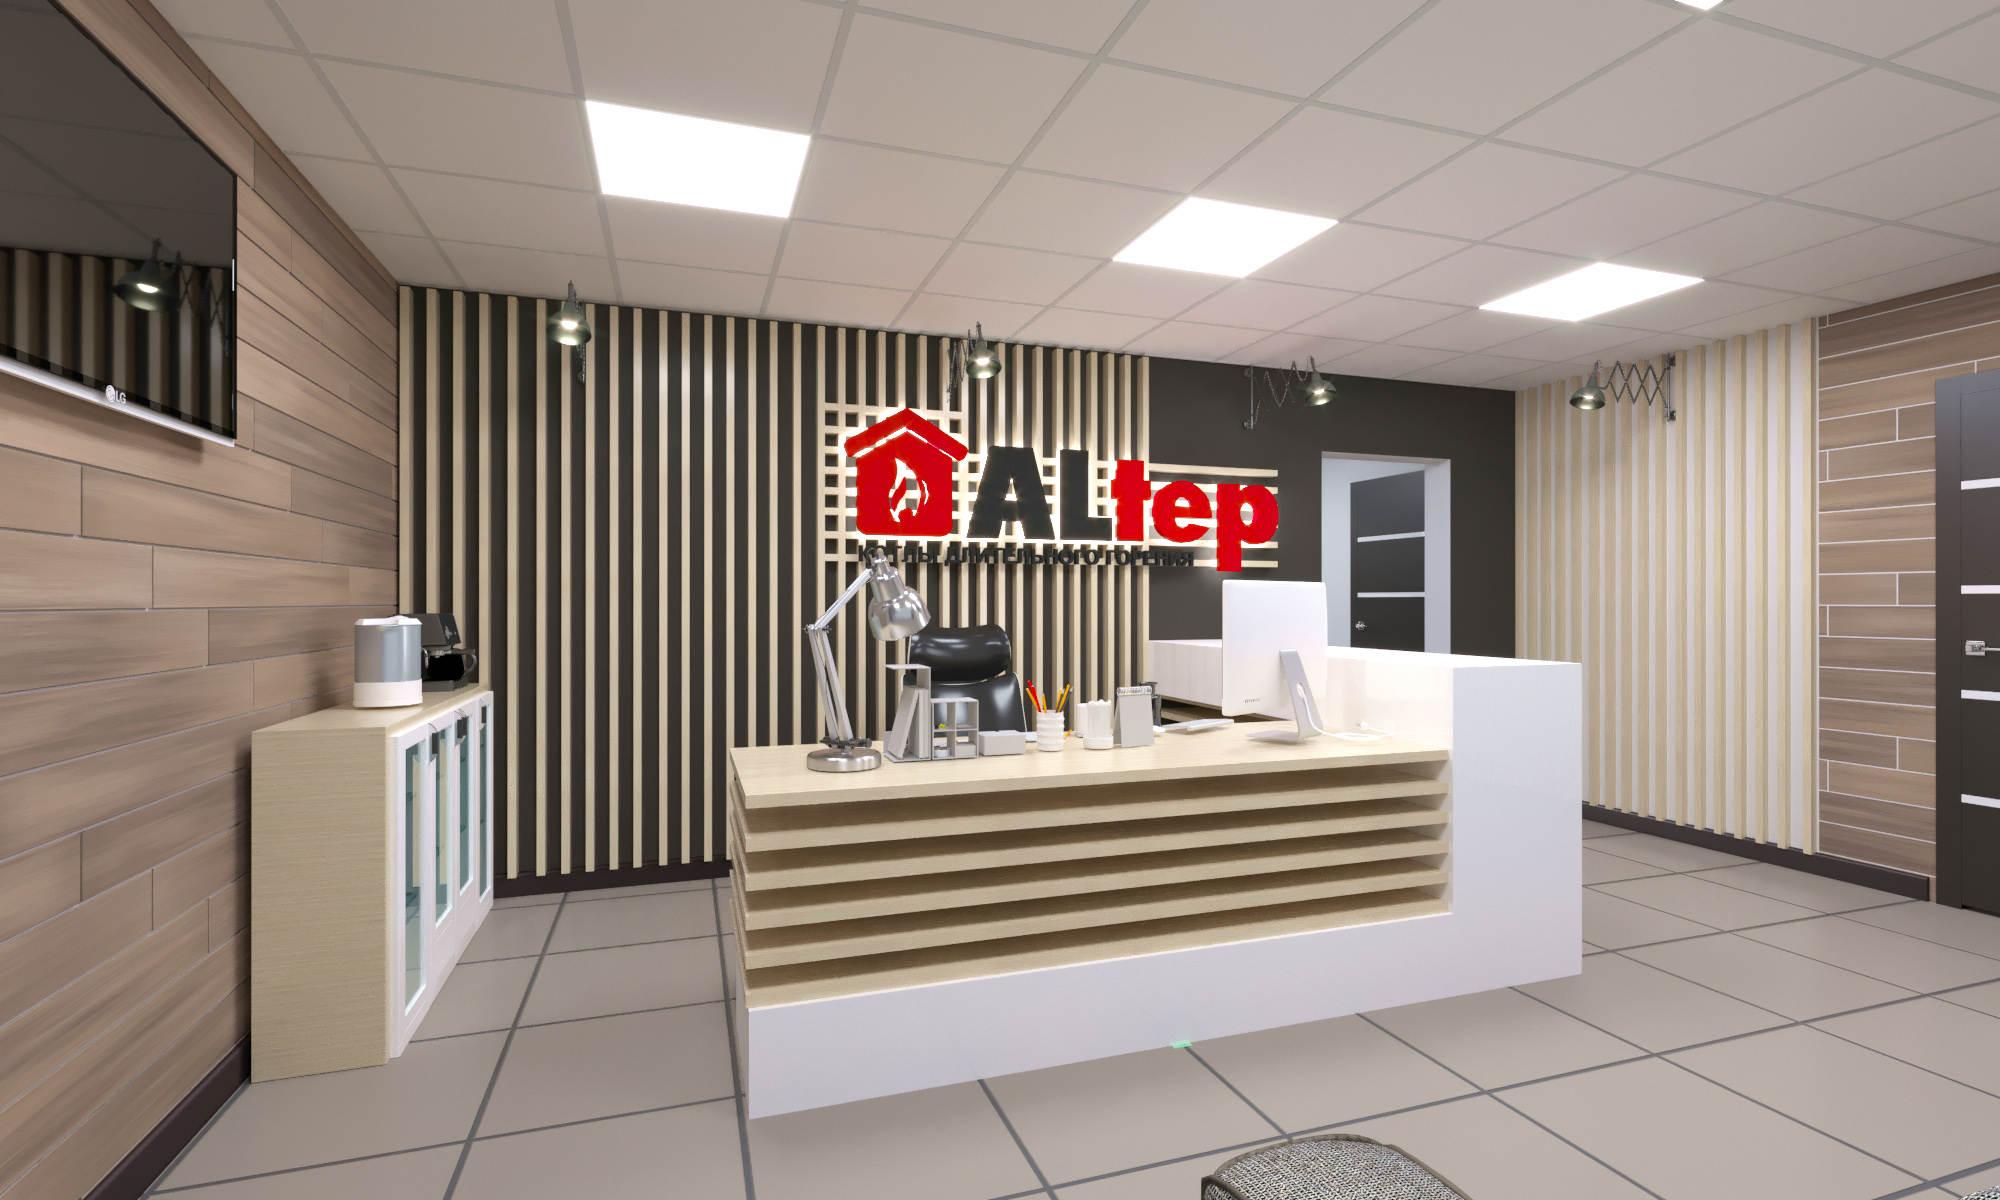 Дизайн интерьера офиса киев фото 1